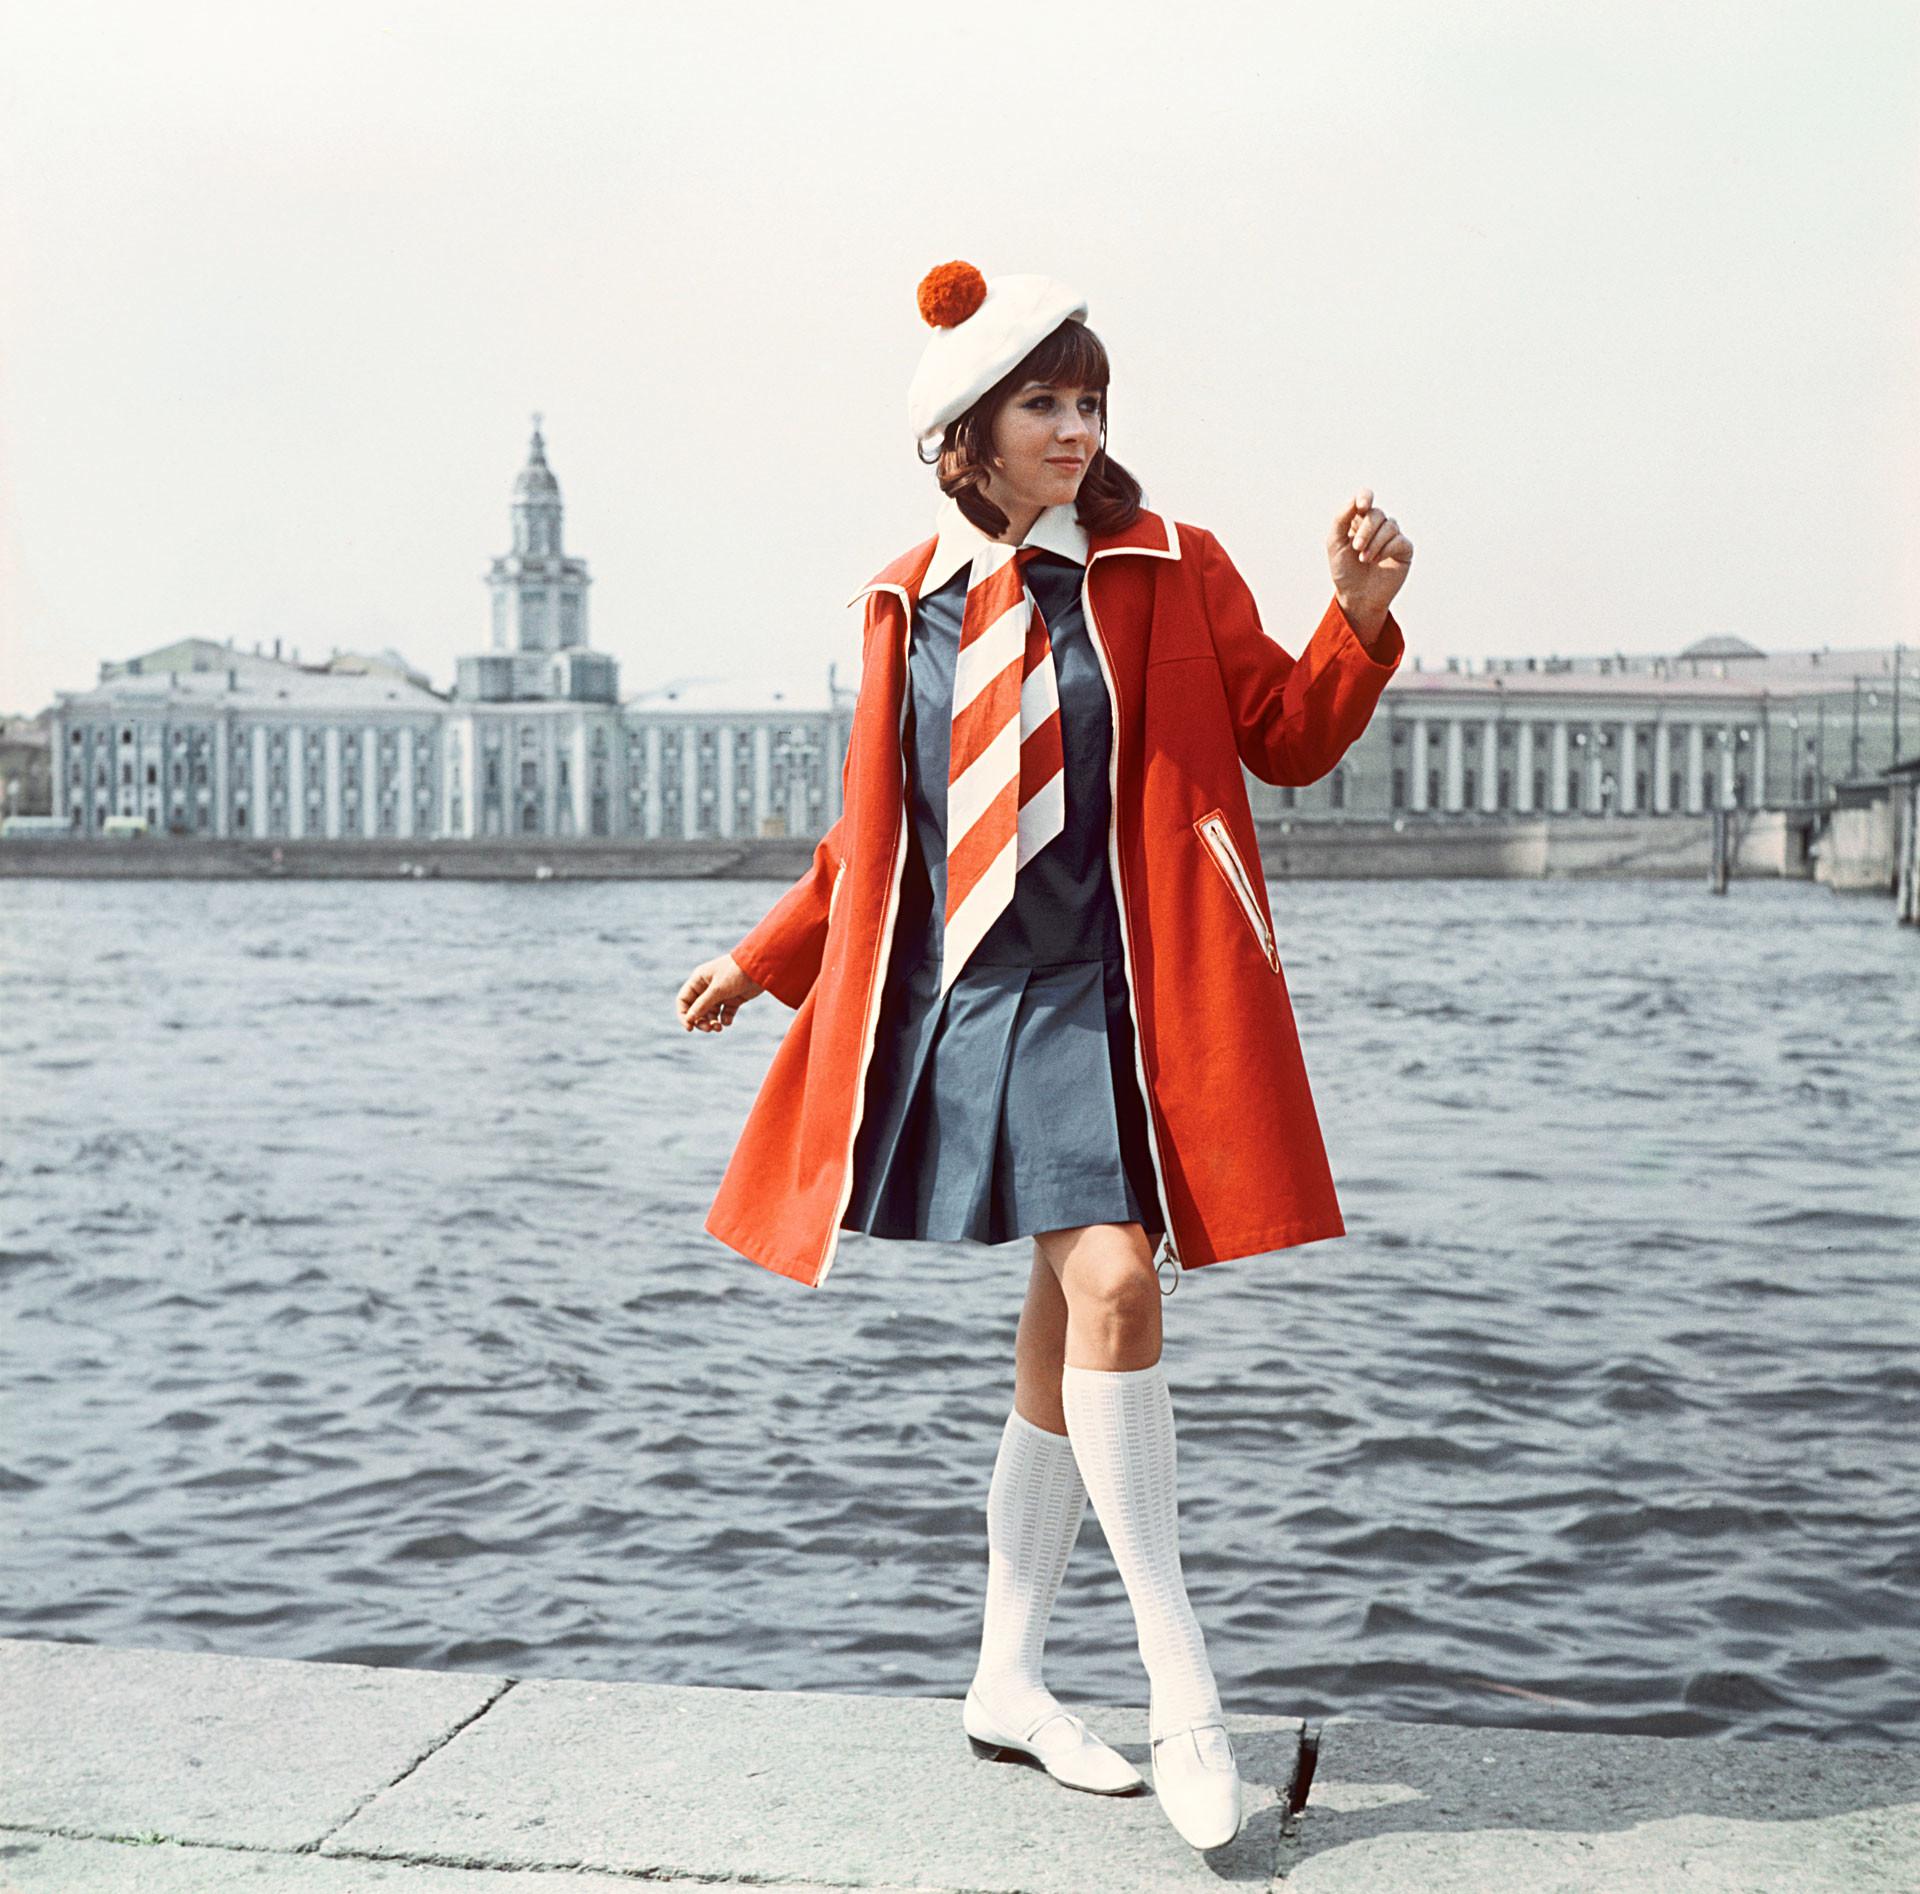 ファスナー付きレインコートと明るい色のリボンのついたドレス 1968年